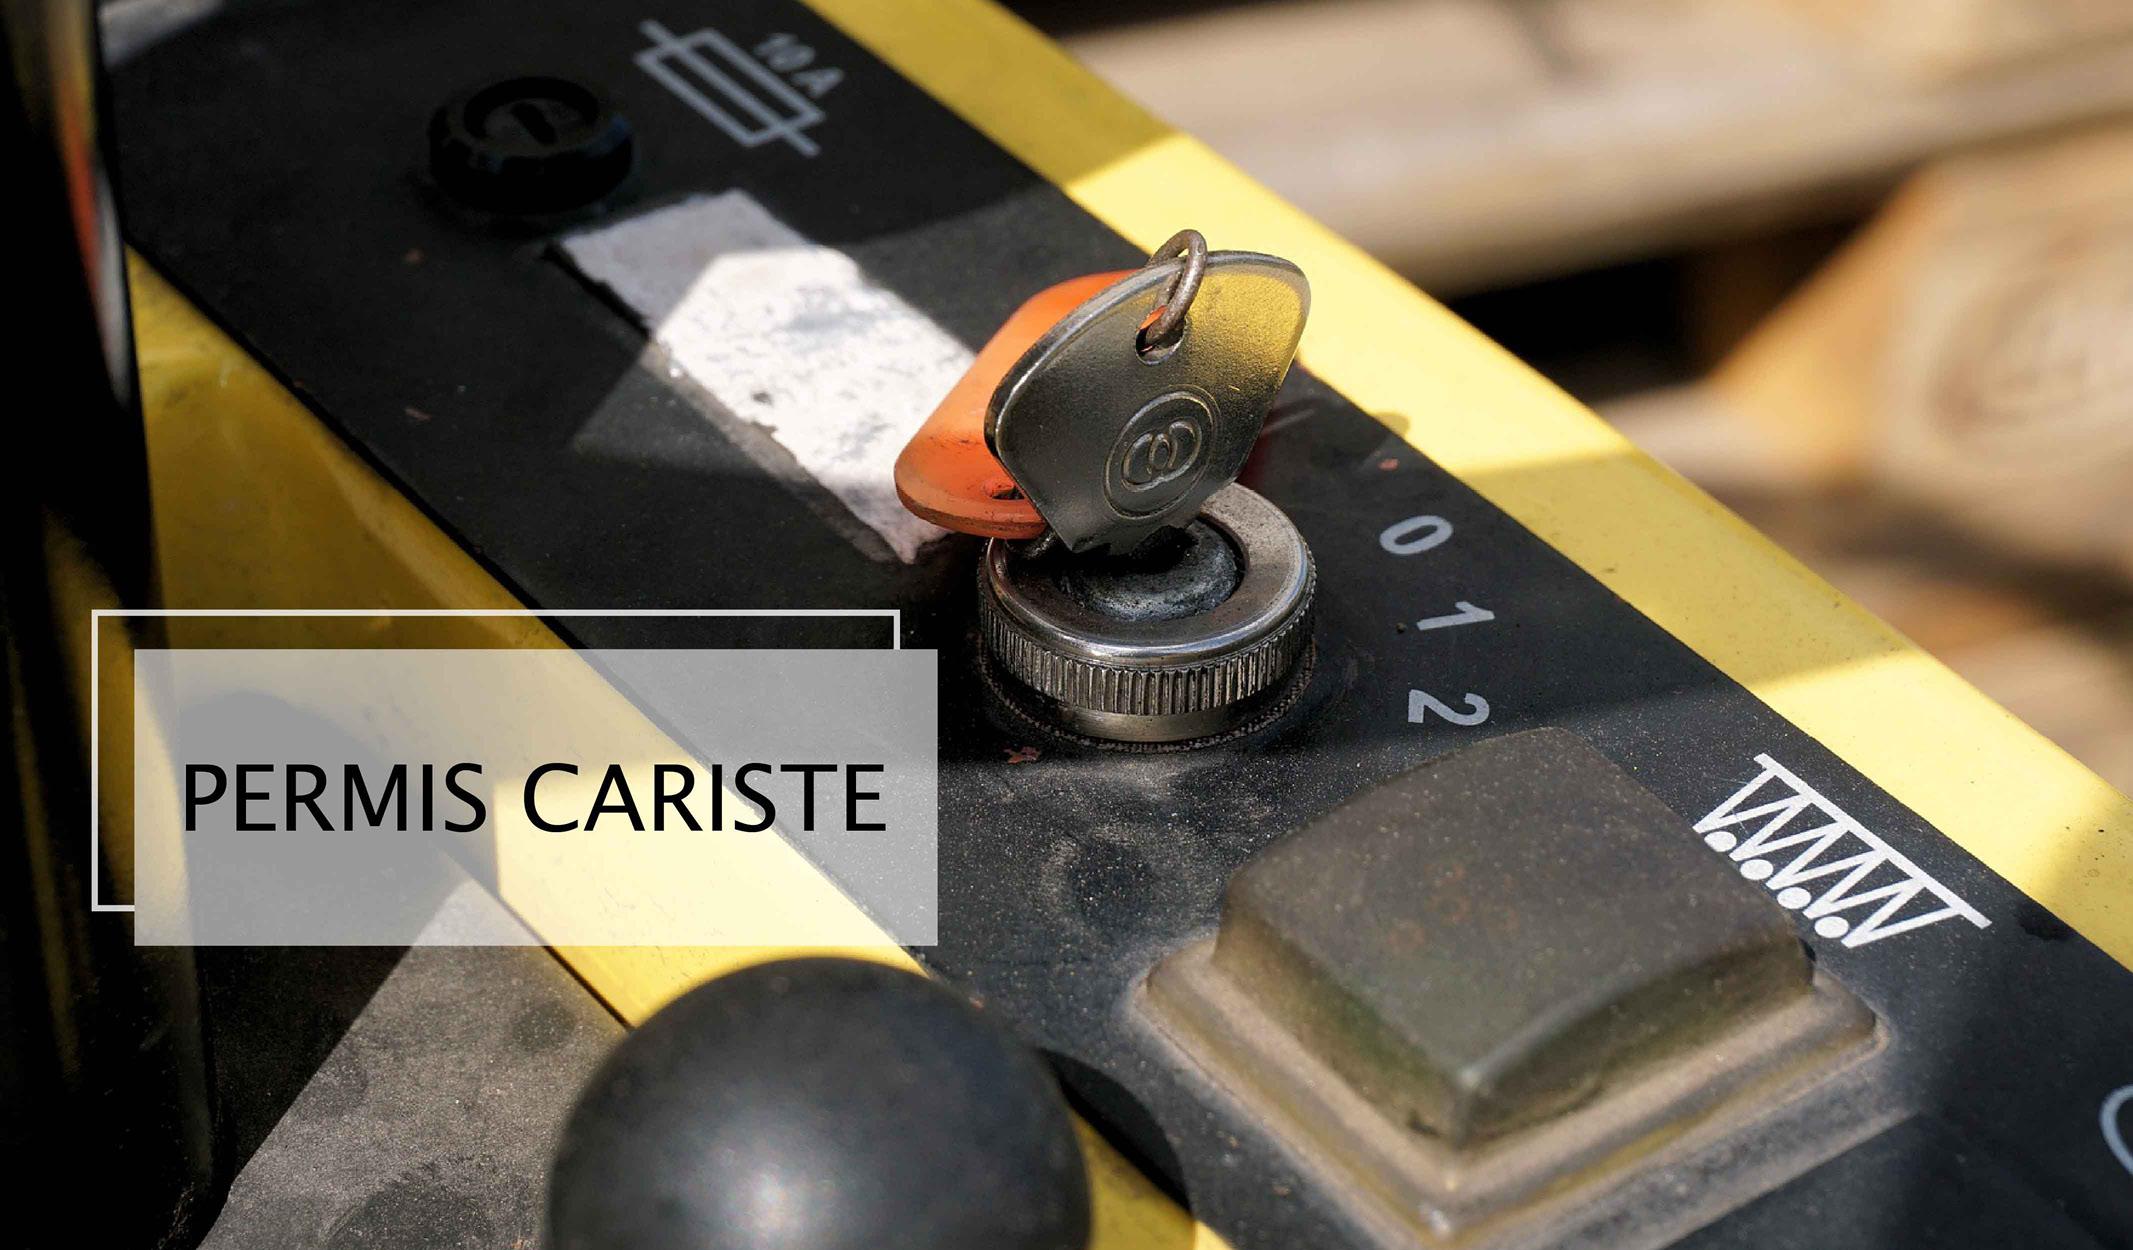 Chariot de manutention utilisé lors de l'examen du permis cariste